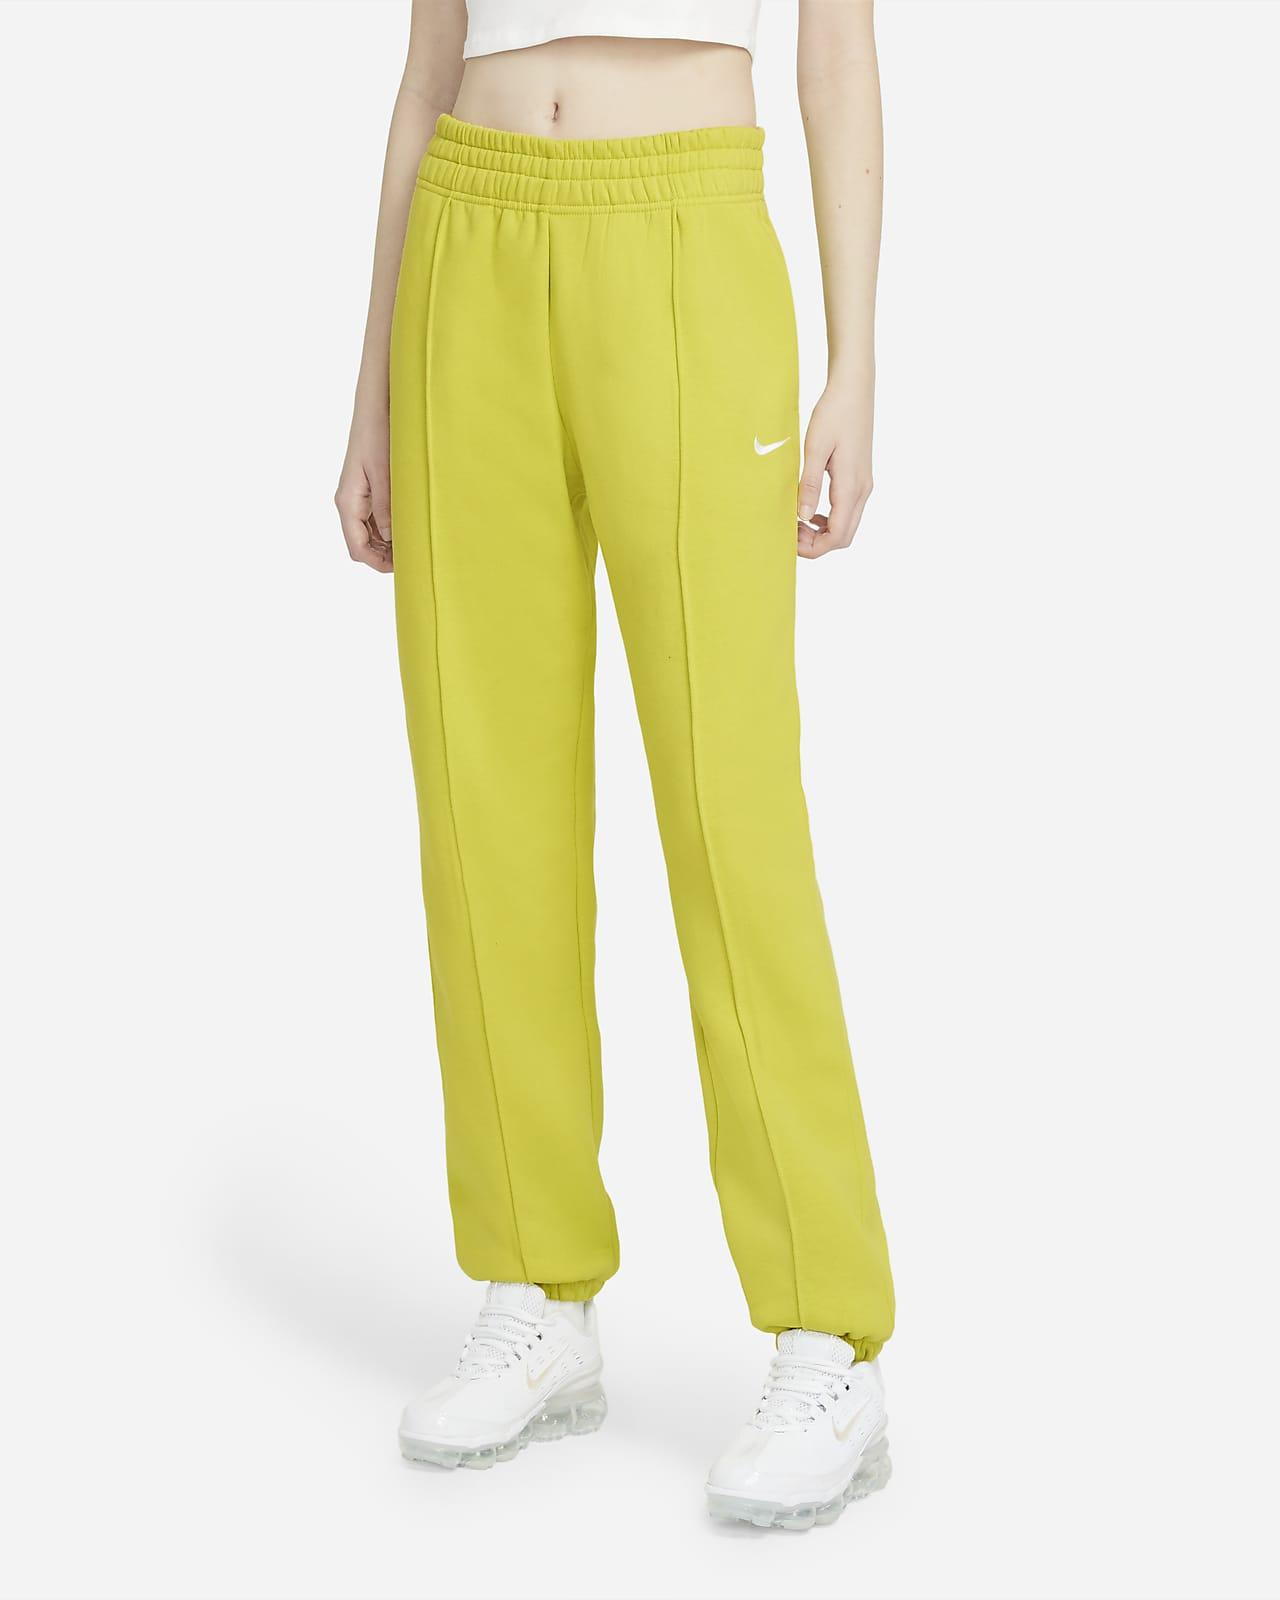 Nike Sportswear Essential Collection Women's Fleece Trousers